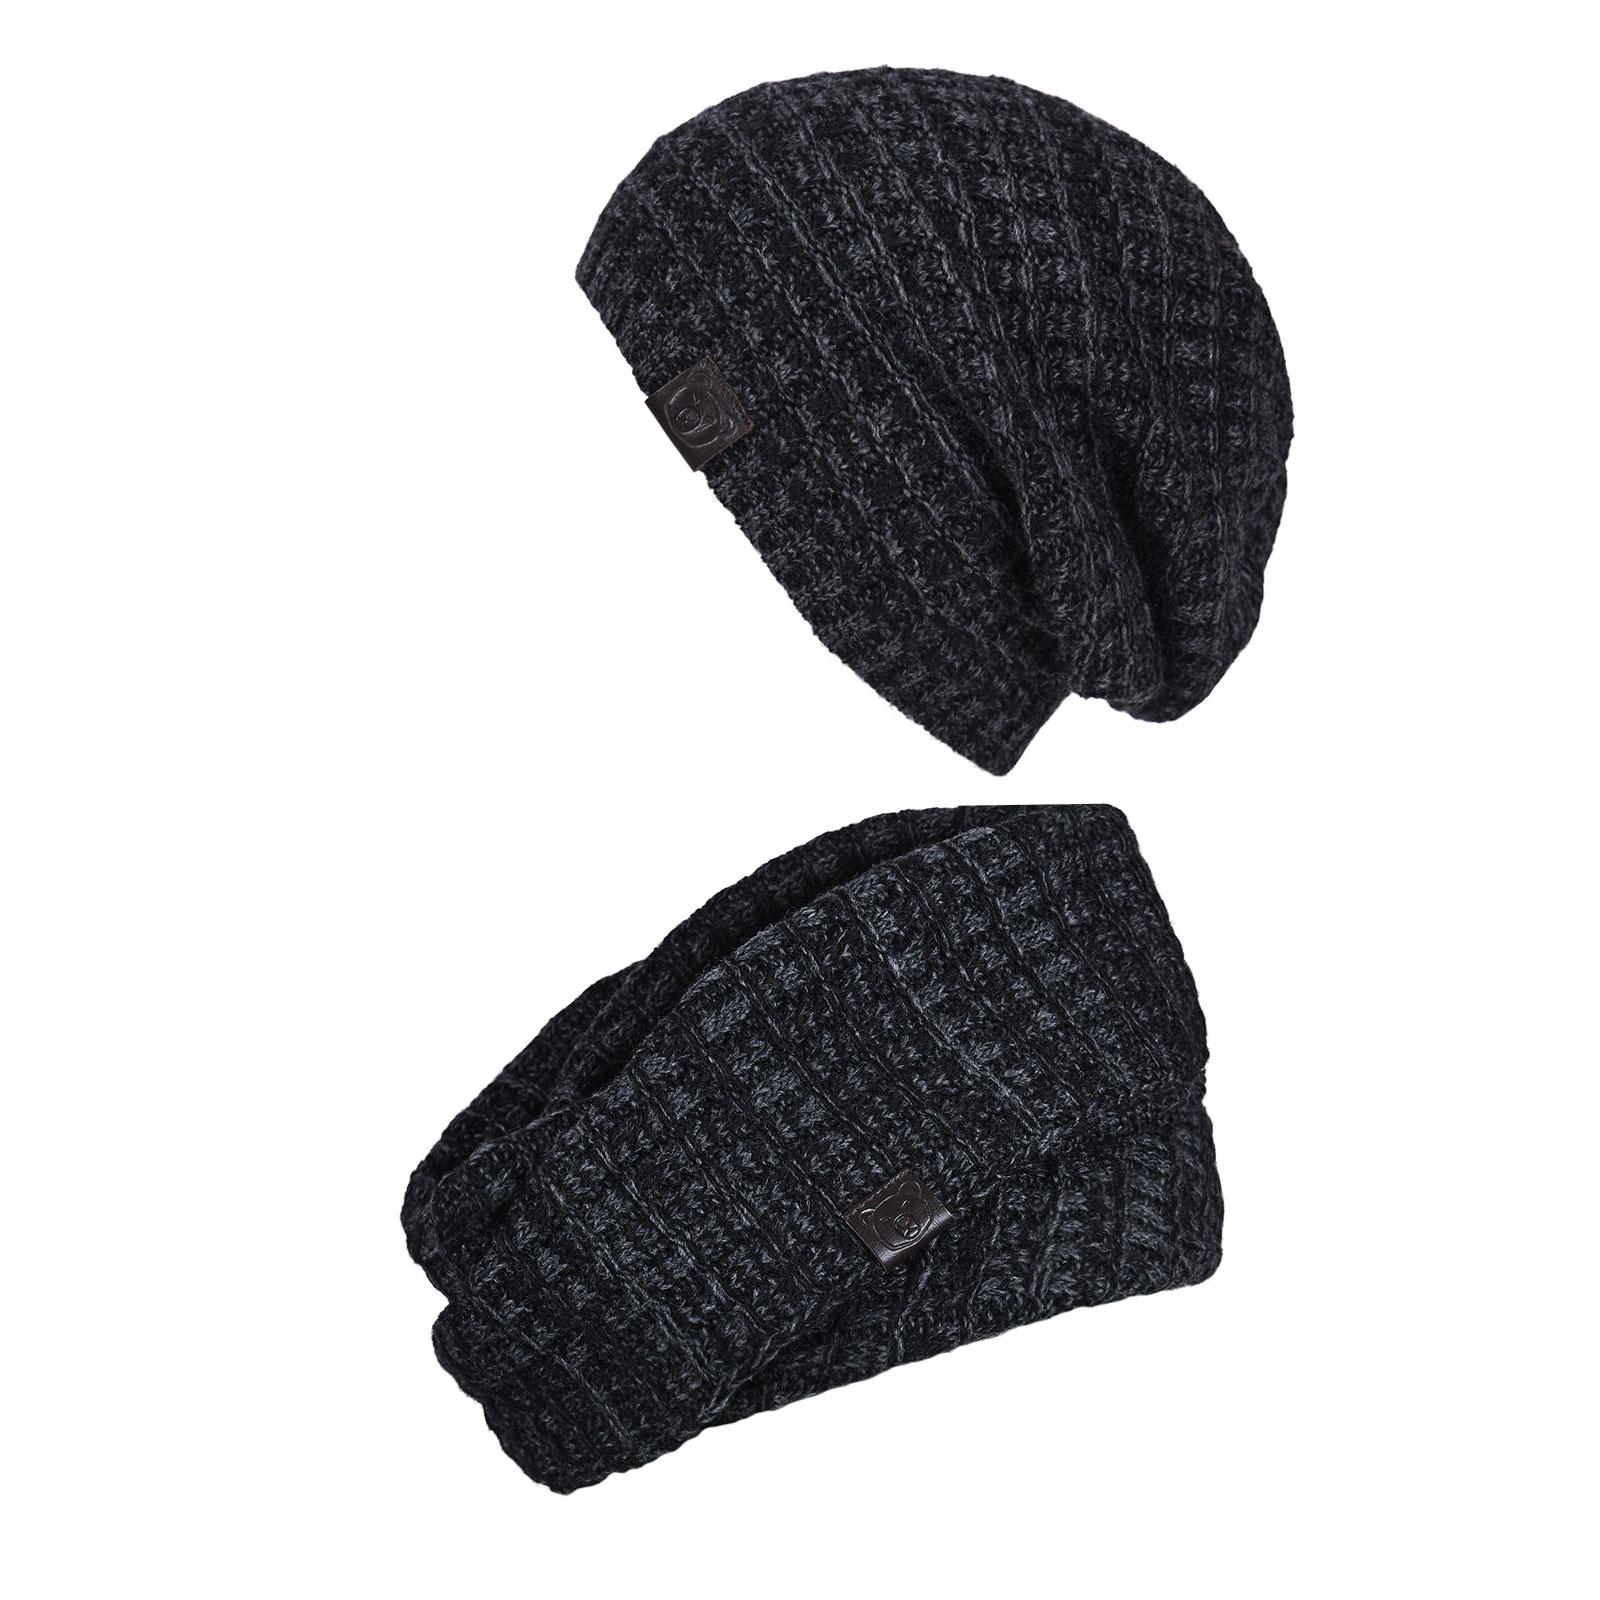 AT-04583-G16-P-ensemble-snood-bonnet-noir